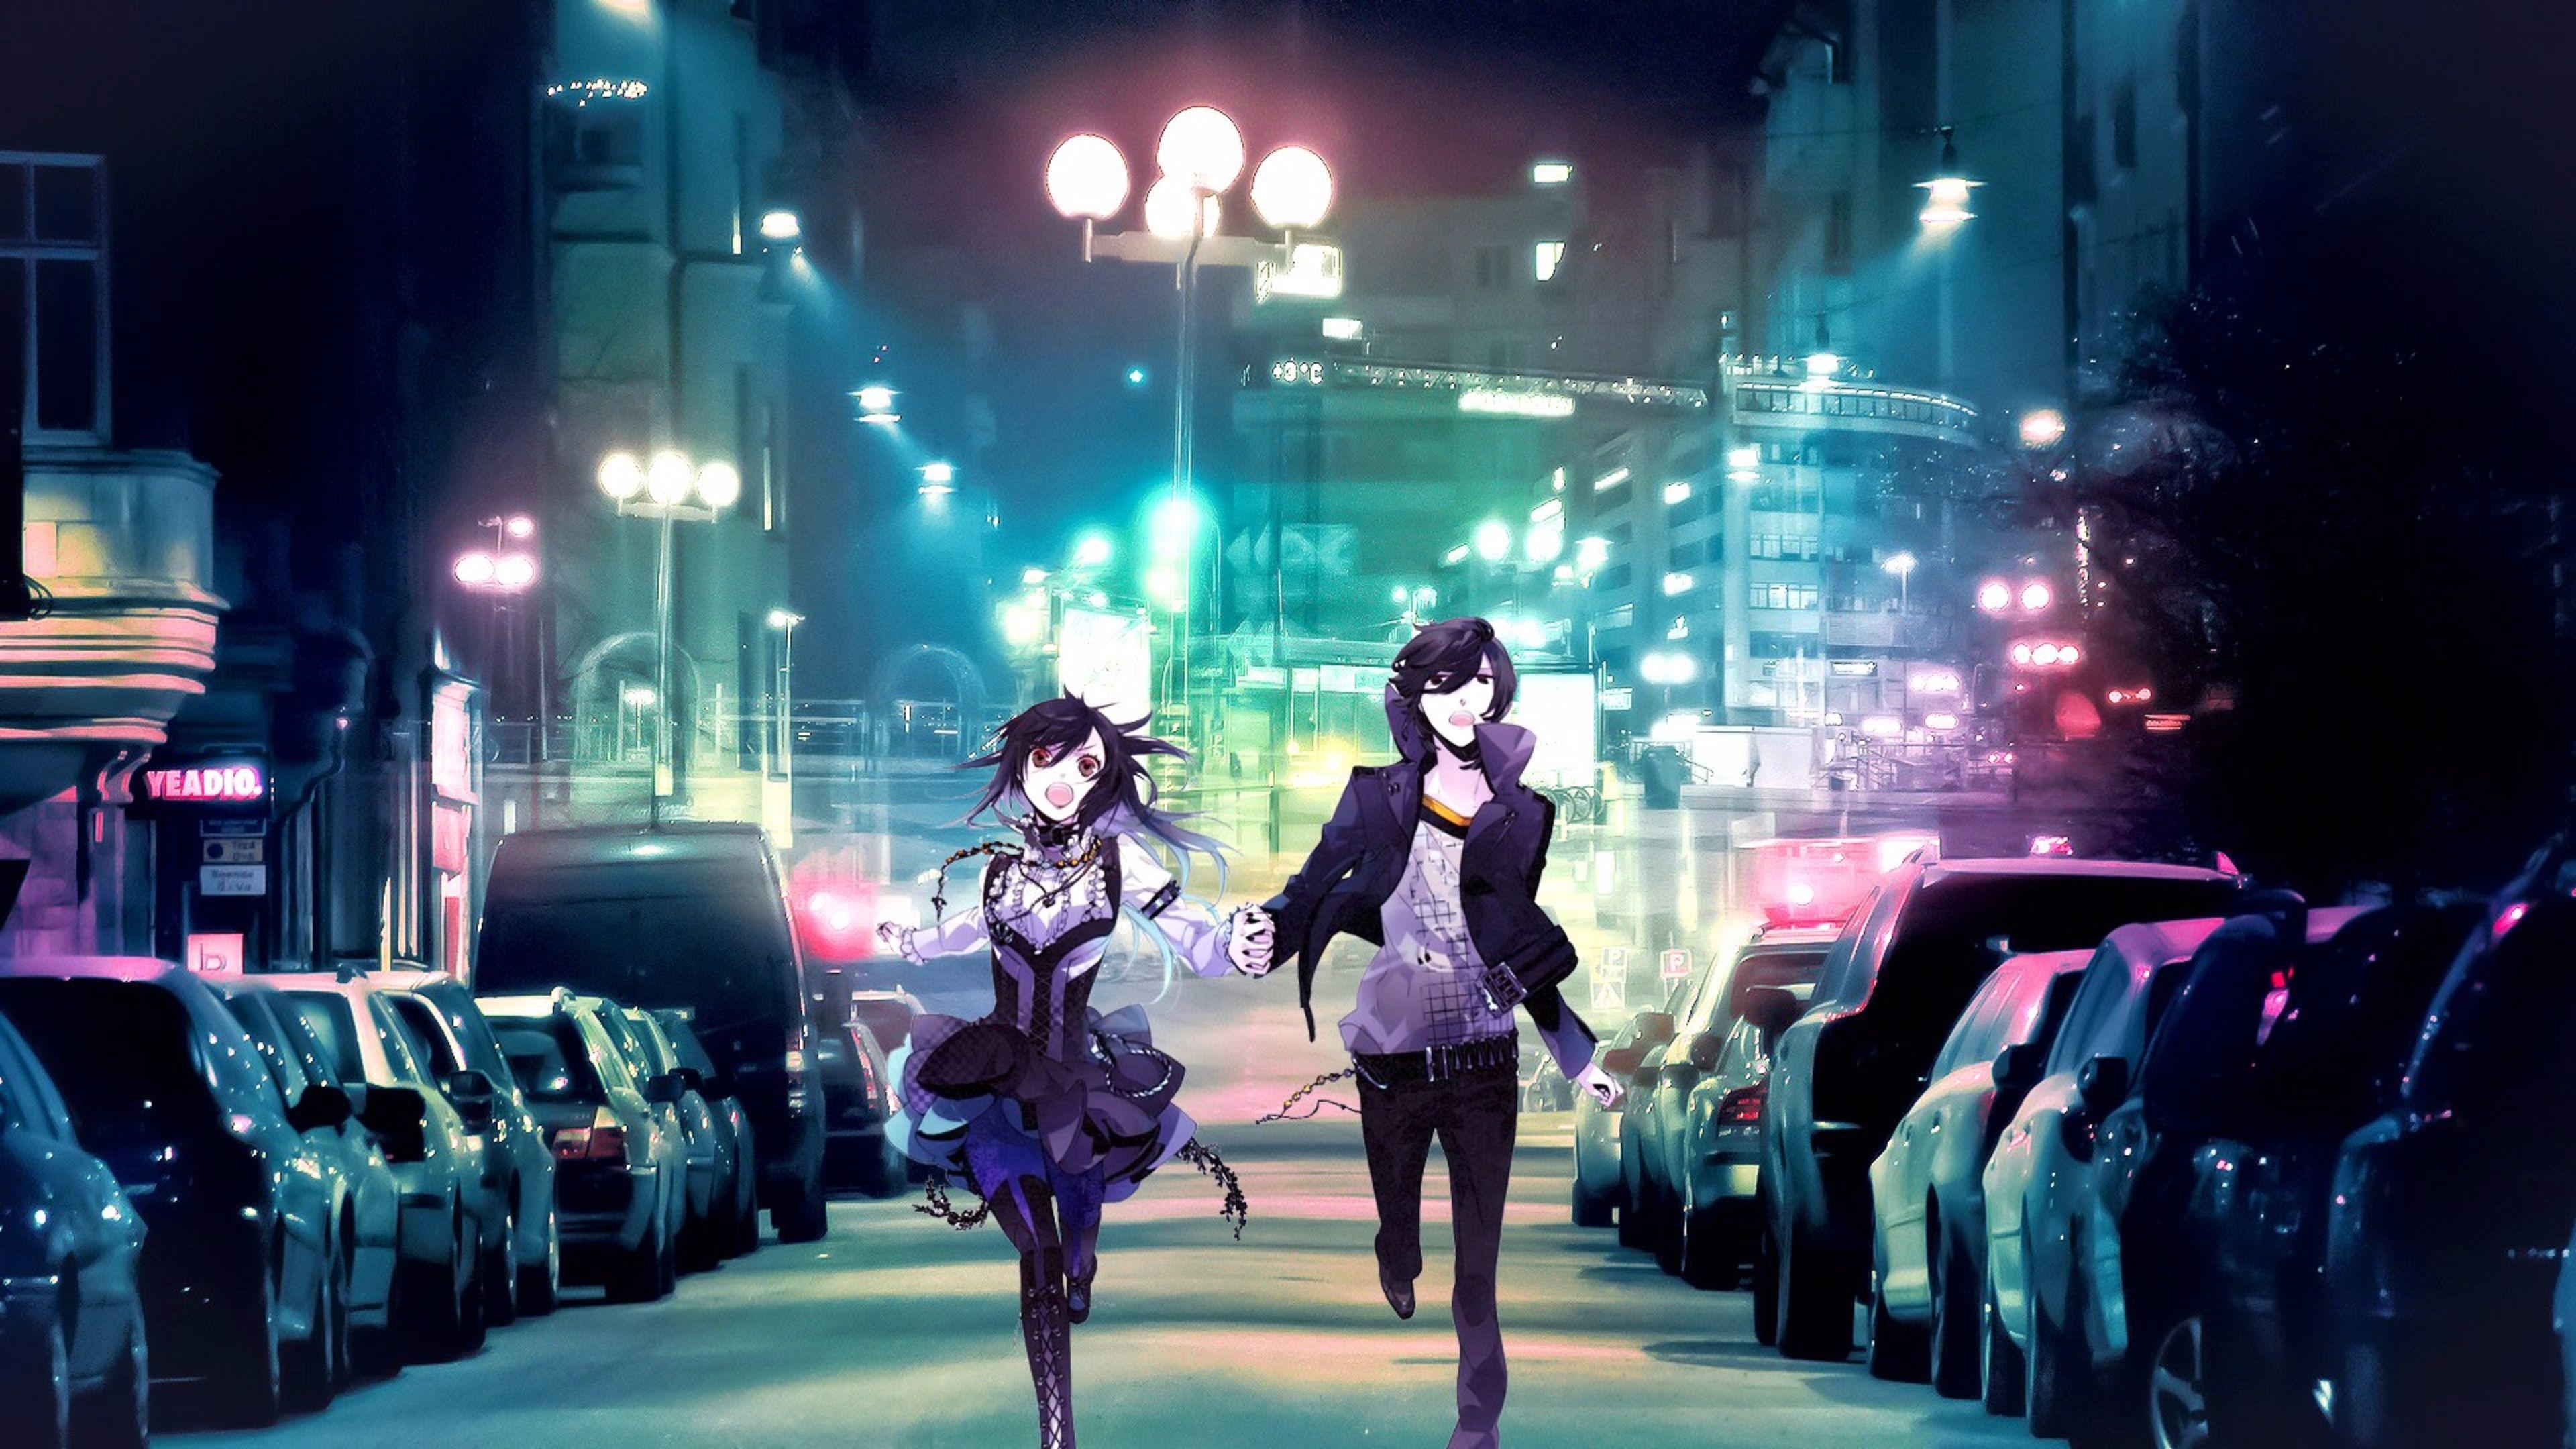 4K Anime Wallpaper 56 images 3840x2160